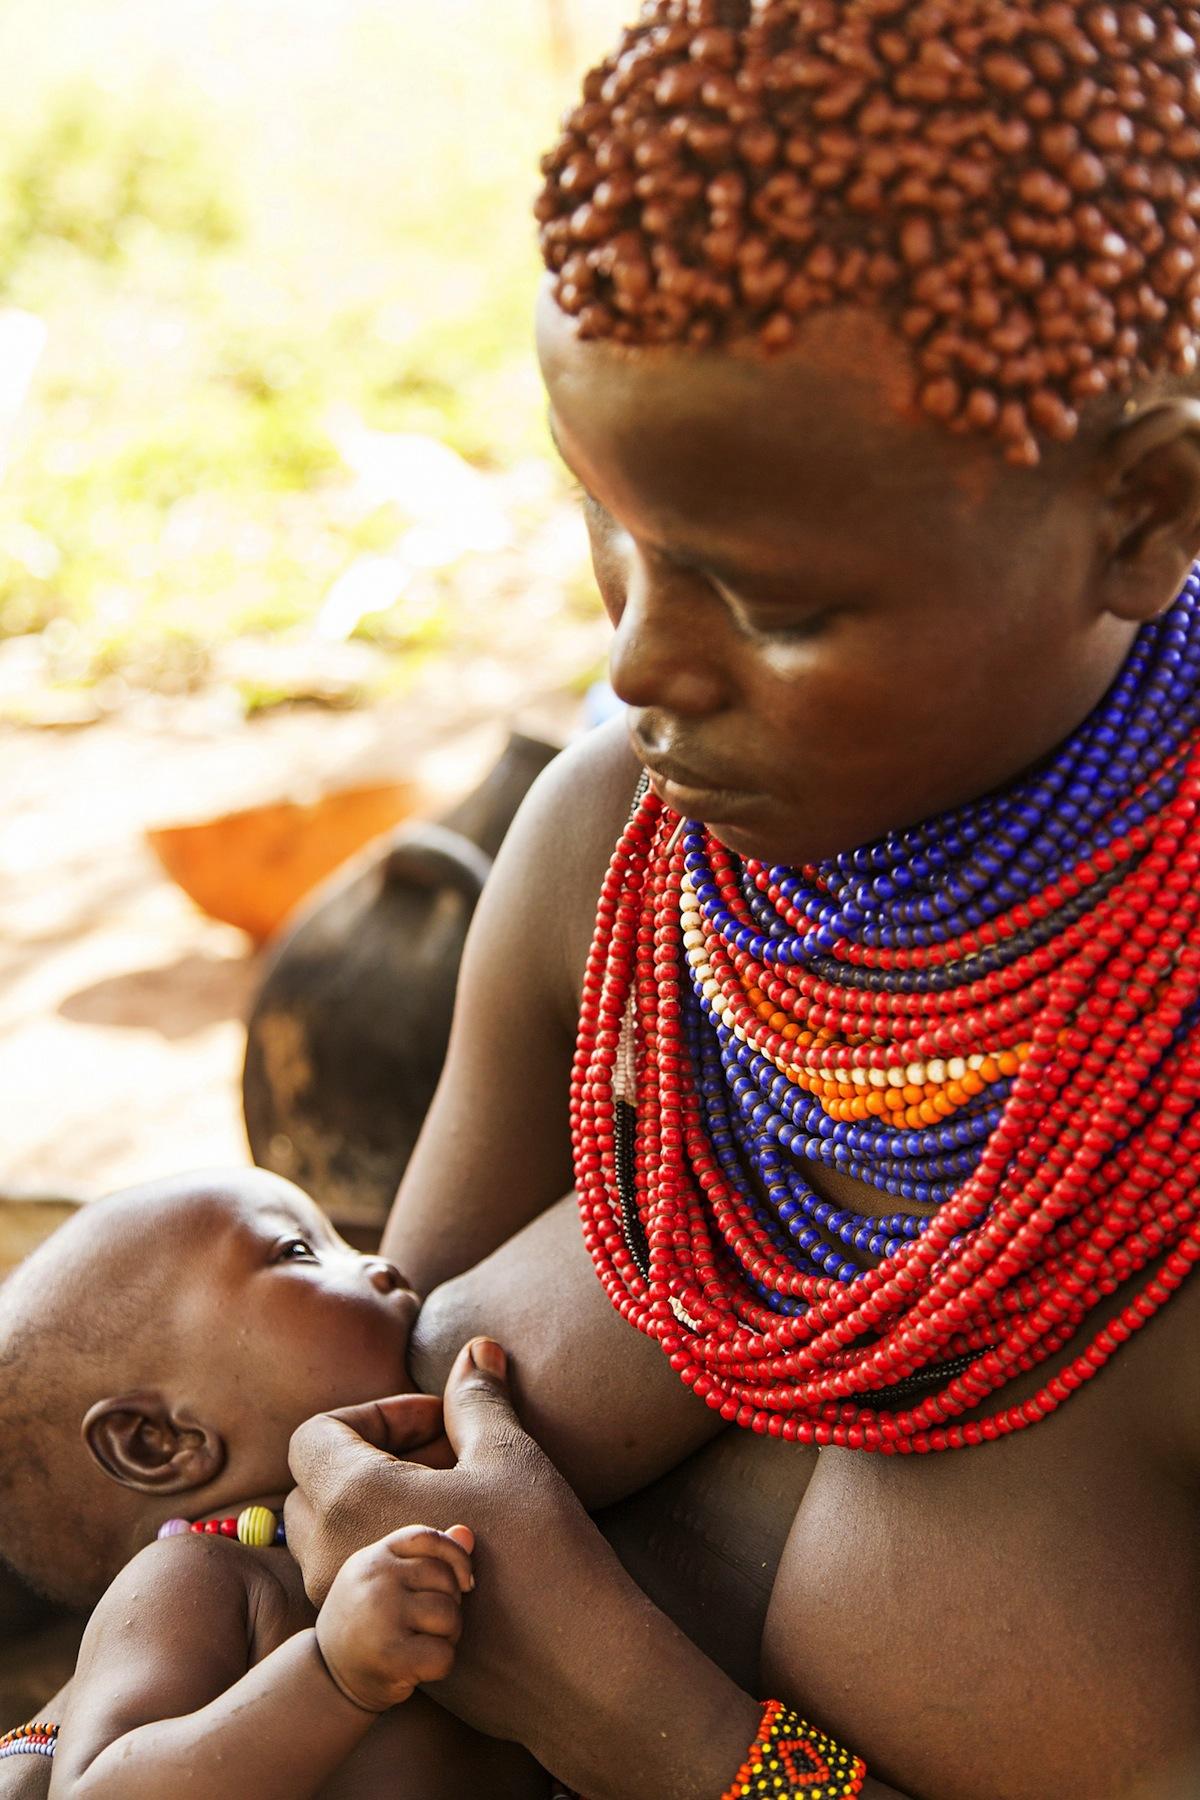 Etiopija - Pleme Omo